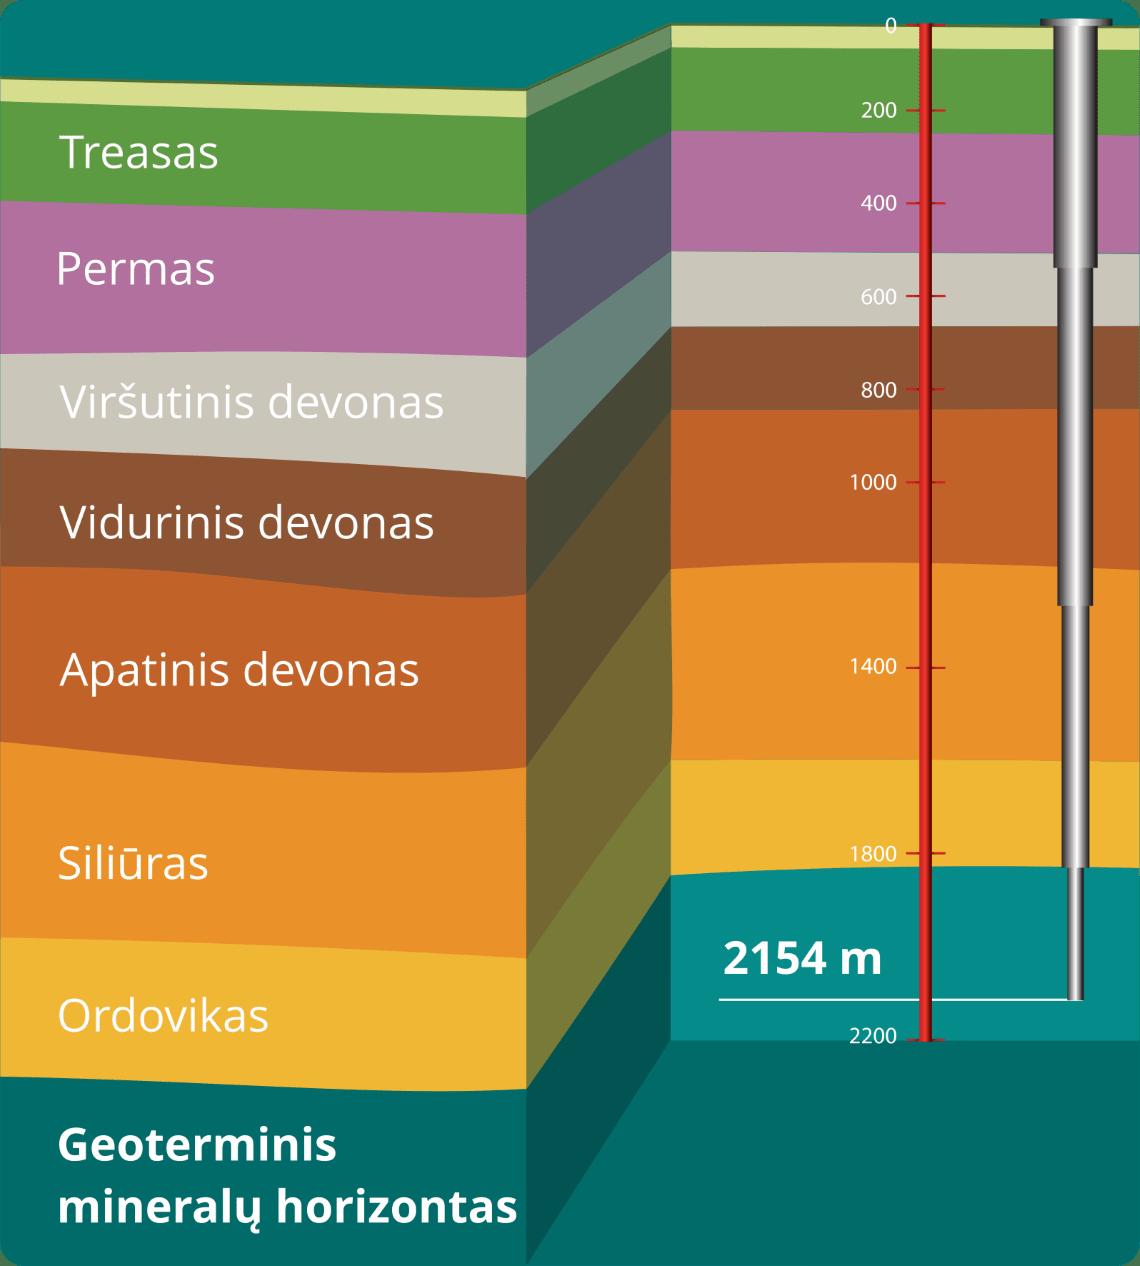 geoterminis mineralų horizontas, 2154 m gylio gręžinys